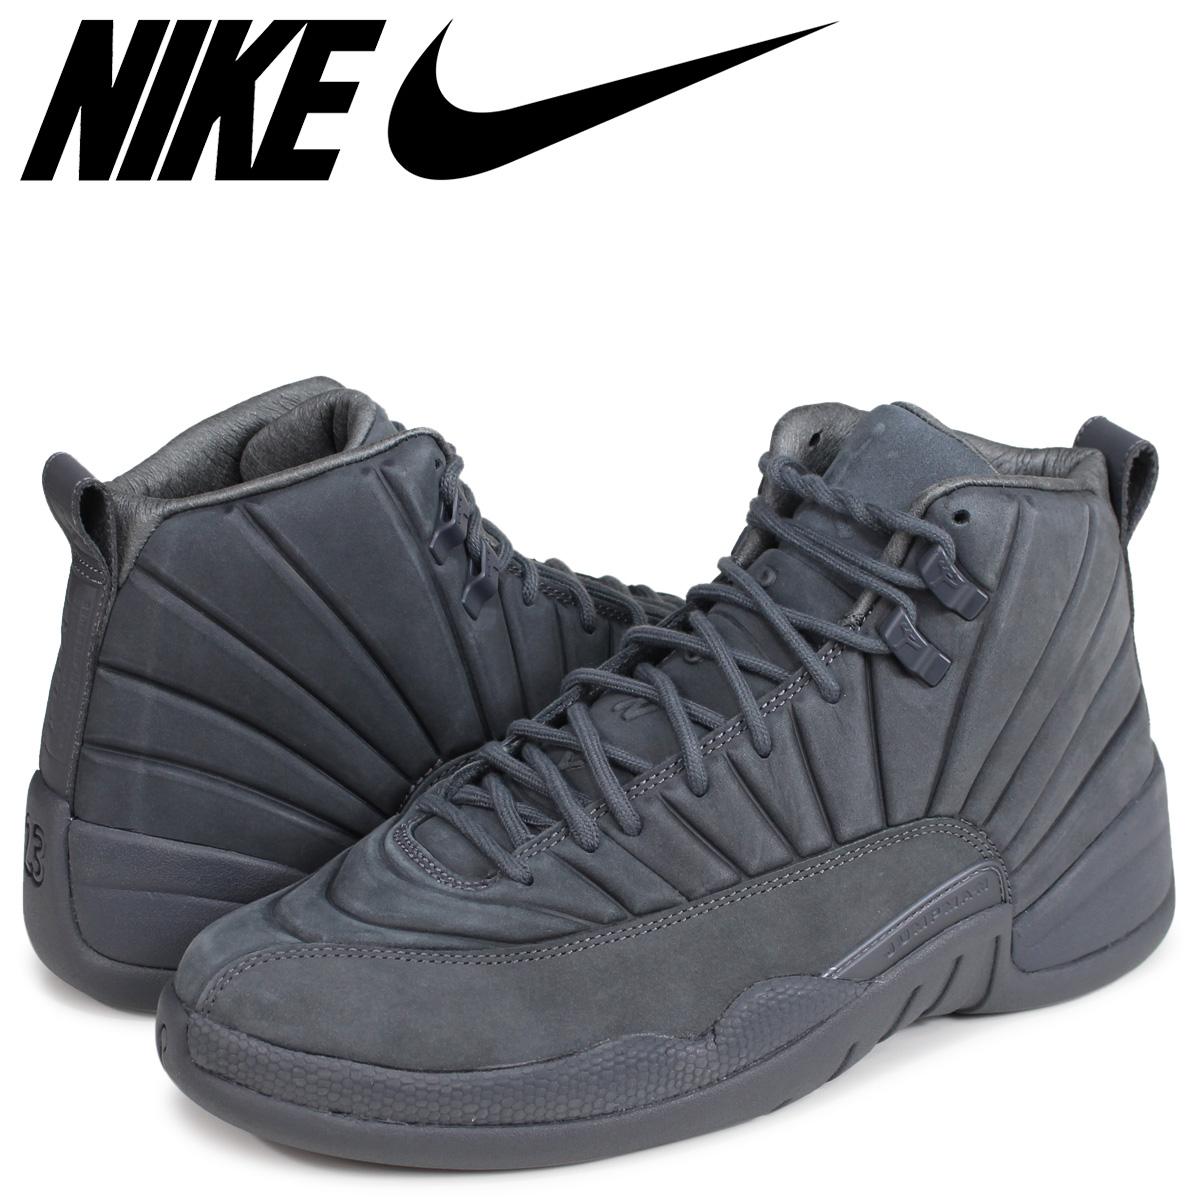 5c1973d2178 NIKE AIR JORDAN 12 RETRO PSNY Nike Air Jordan 12 nostalgic sneakers 130,690-003  gray ...